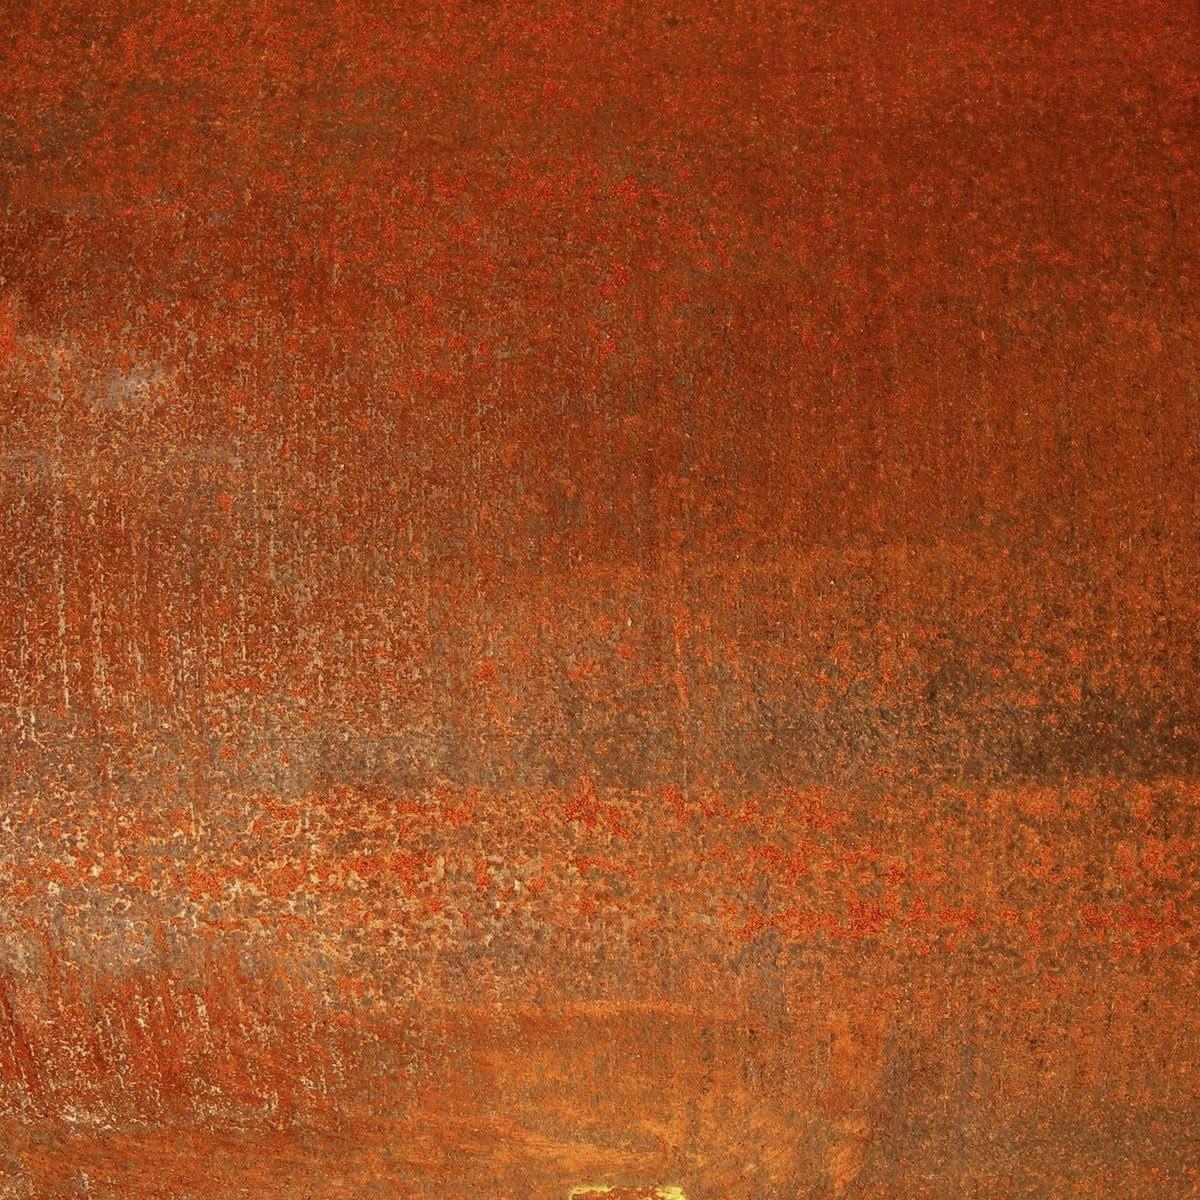 Bordure giardino in ferro corten h16x200 for Lamiera corten prezzo